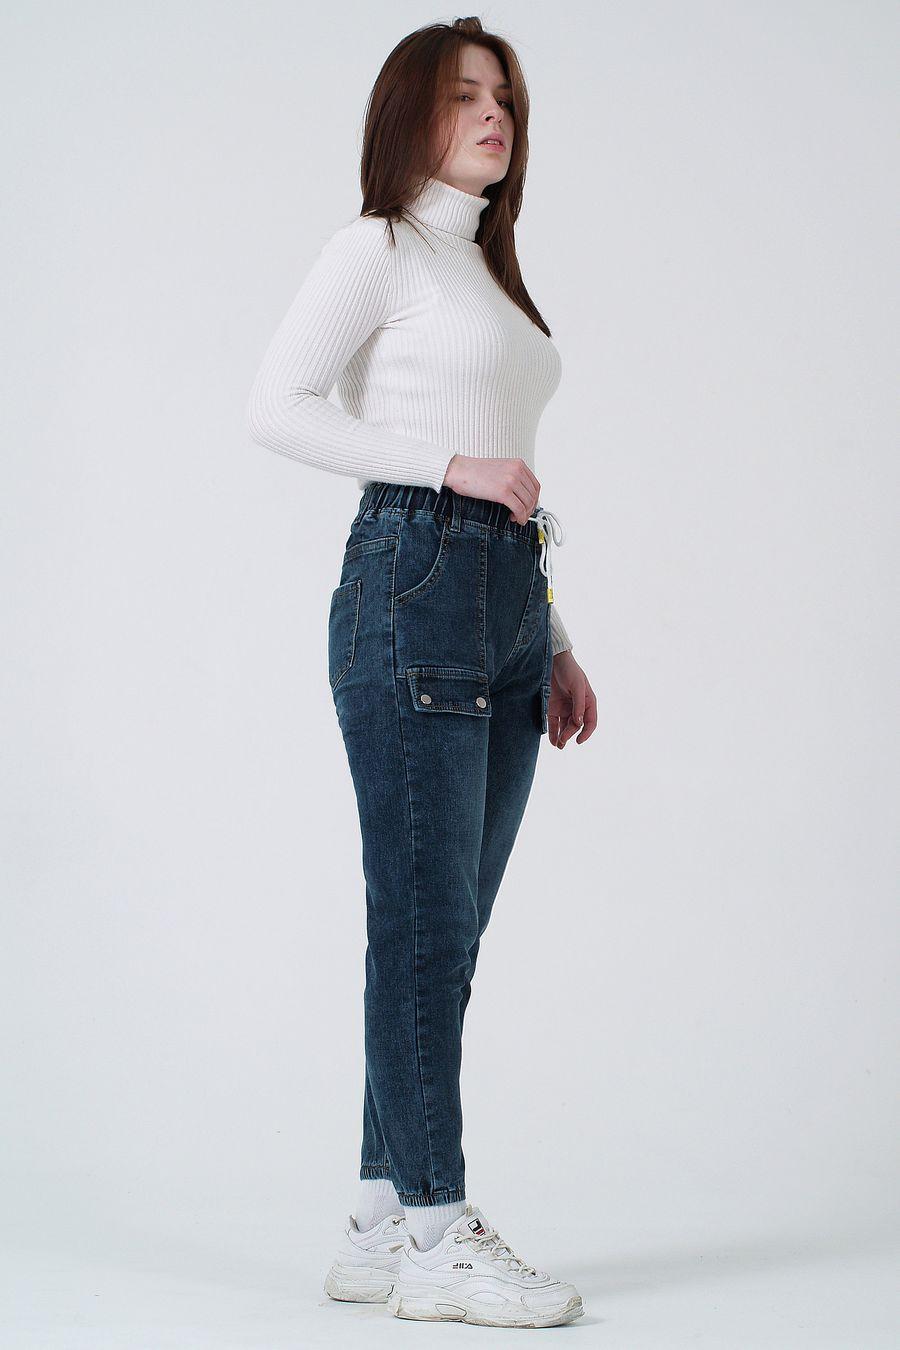 Джинсы женские K.Y Jeans 097 - фото 1